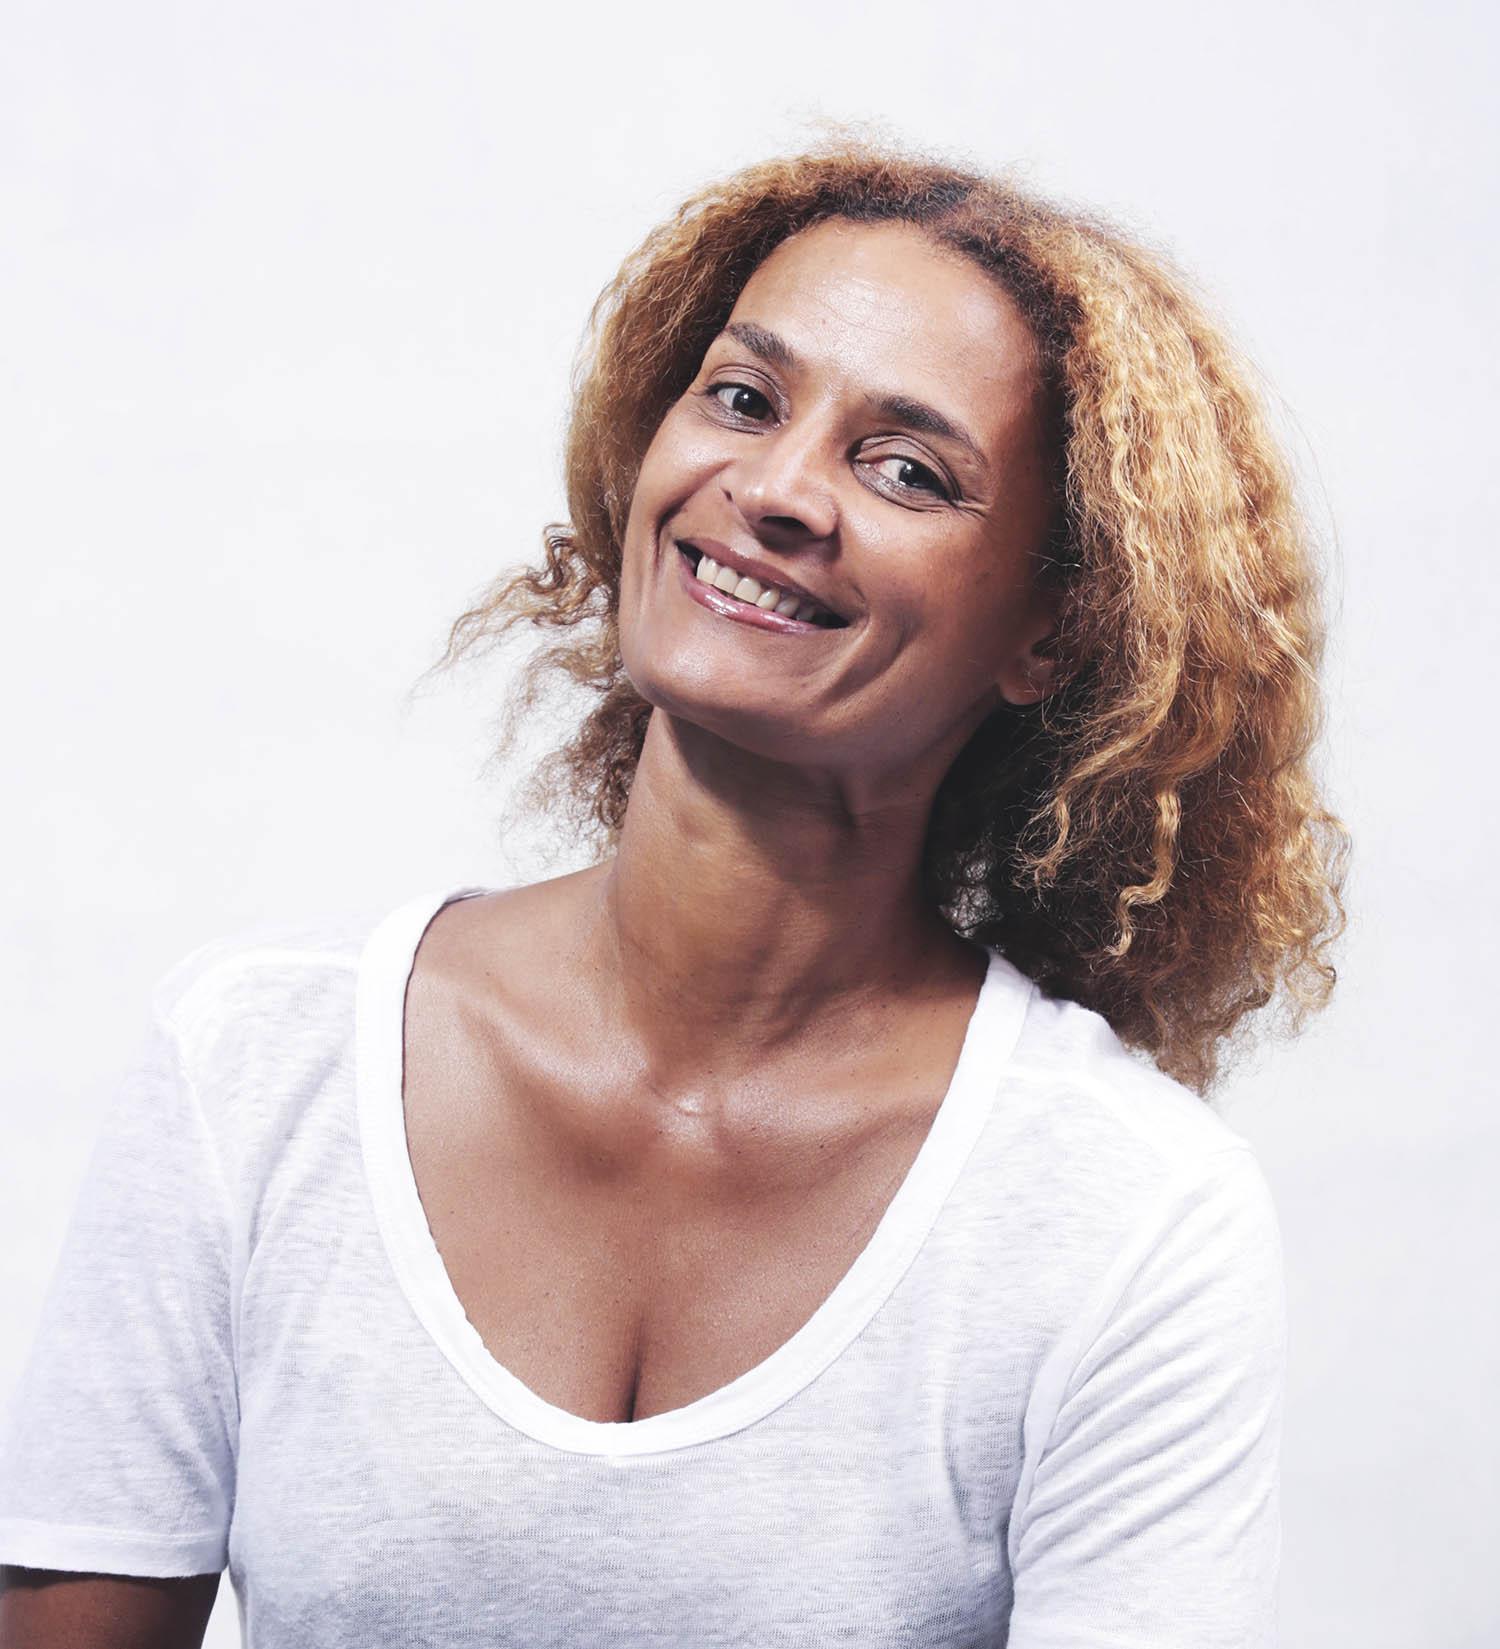 Marie-Aude Delafoy